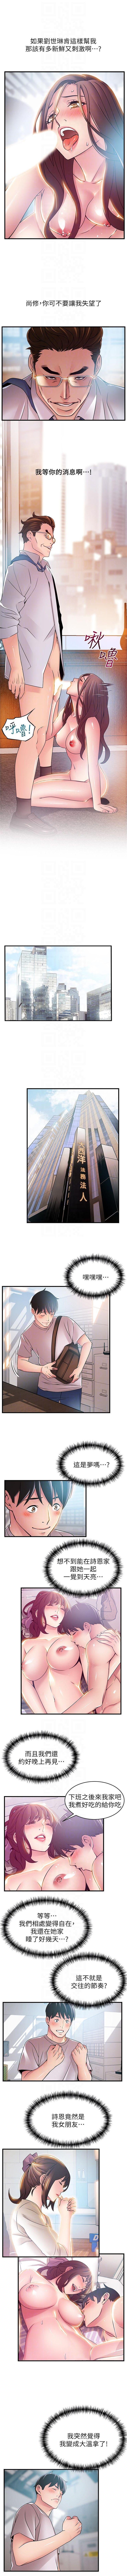 弱点 1-64 中文翻译(更新中) 230